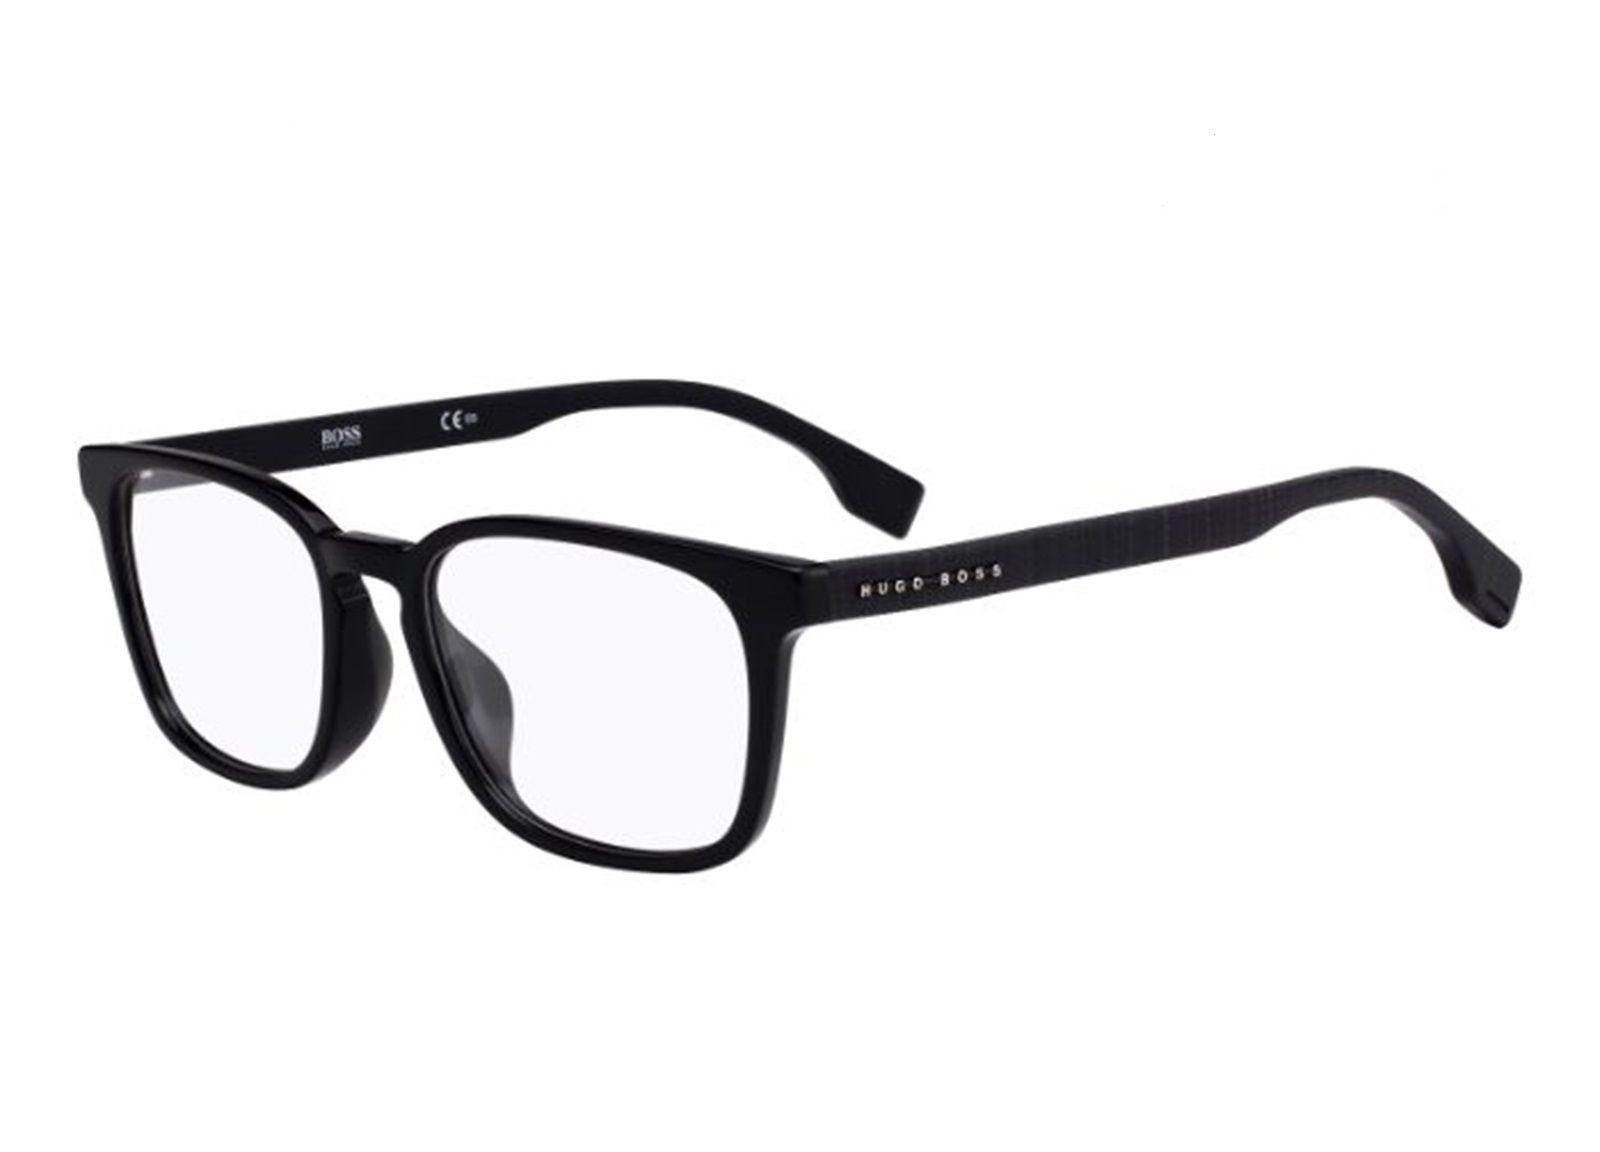 9d3a525412197 Armação De Óculos De Grau Masculino Hugo Boss 1023 F 807 - Omega ...